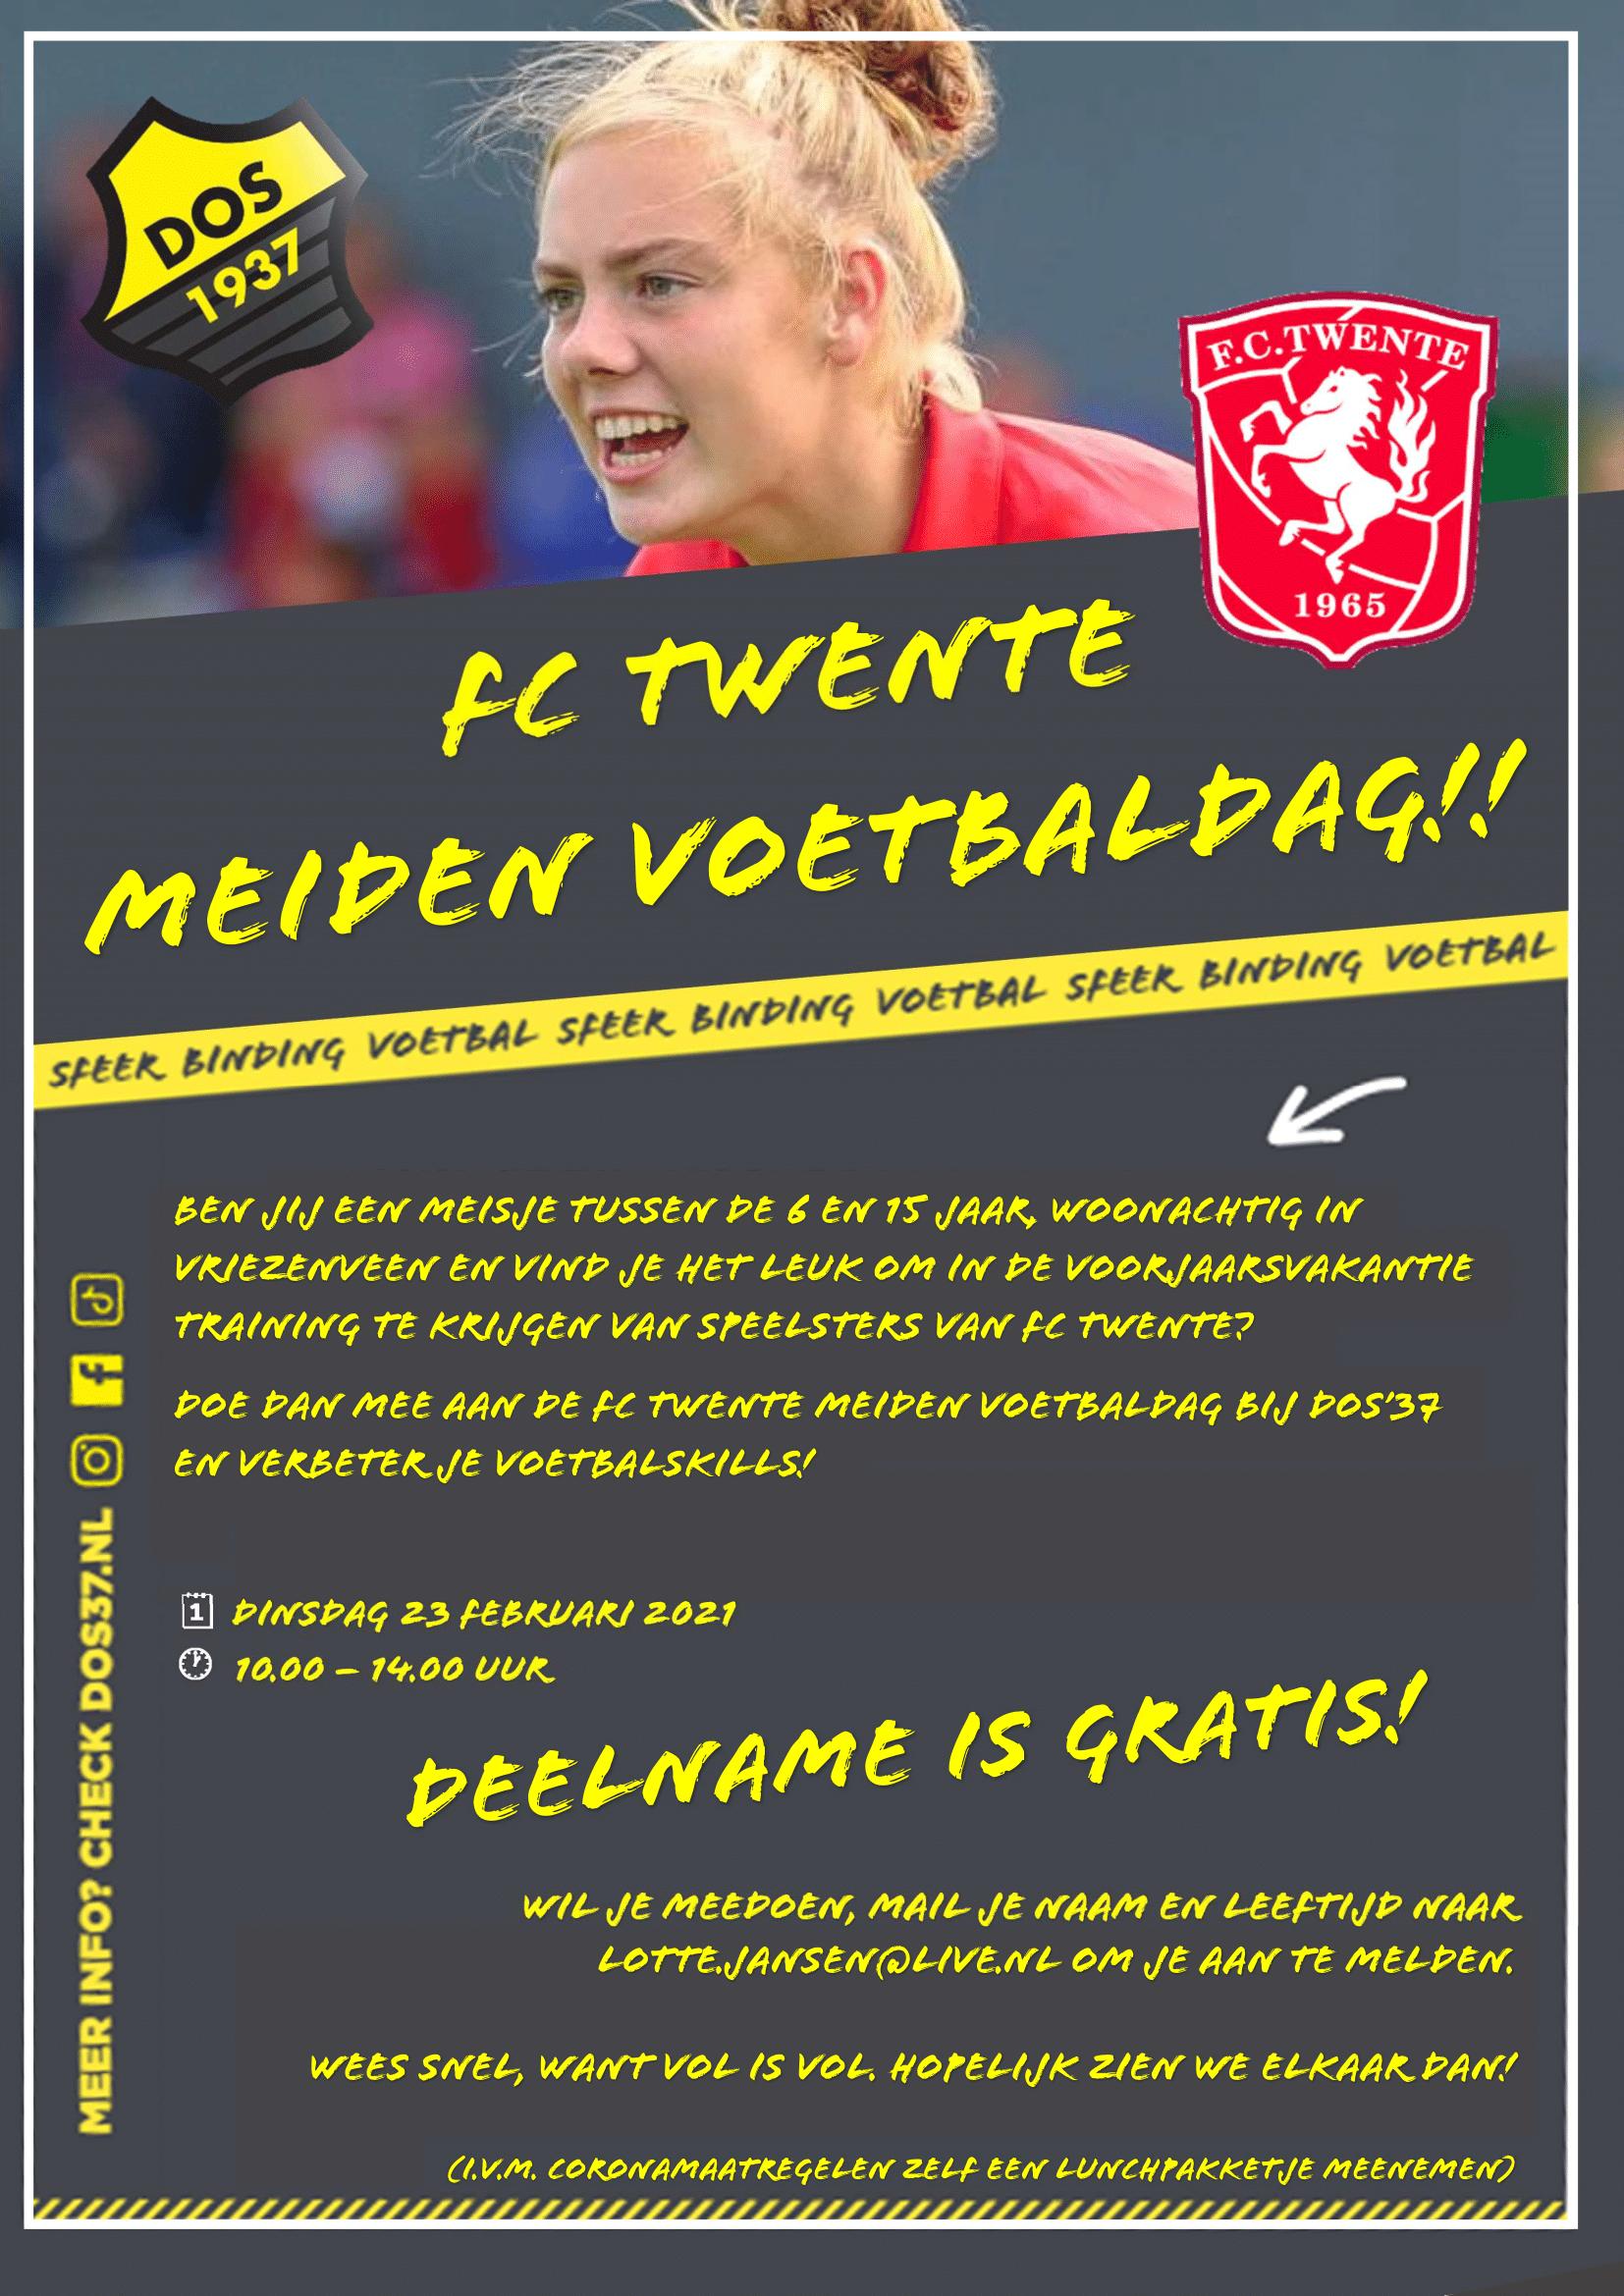 FC Twente Meiden voetbaldag bij DOS'37